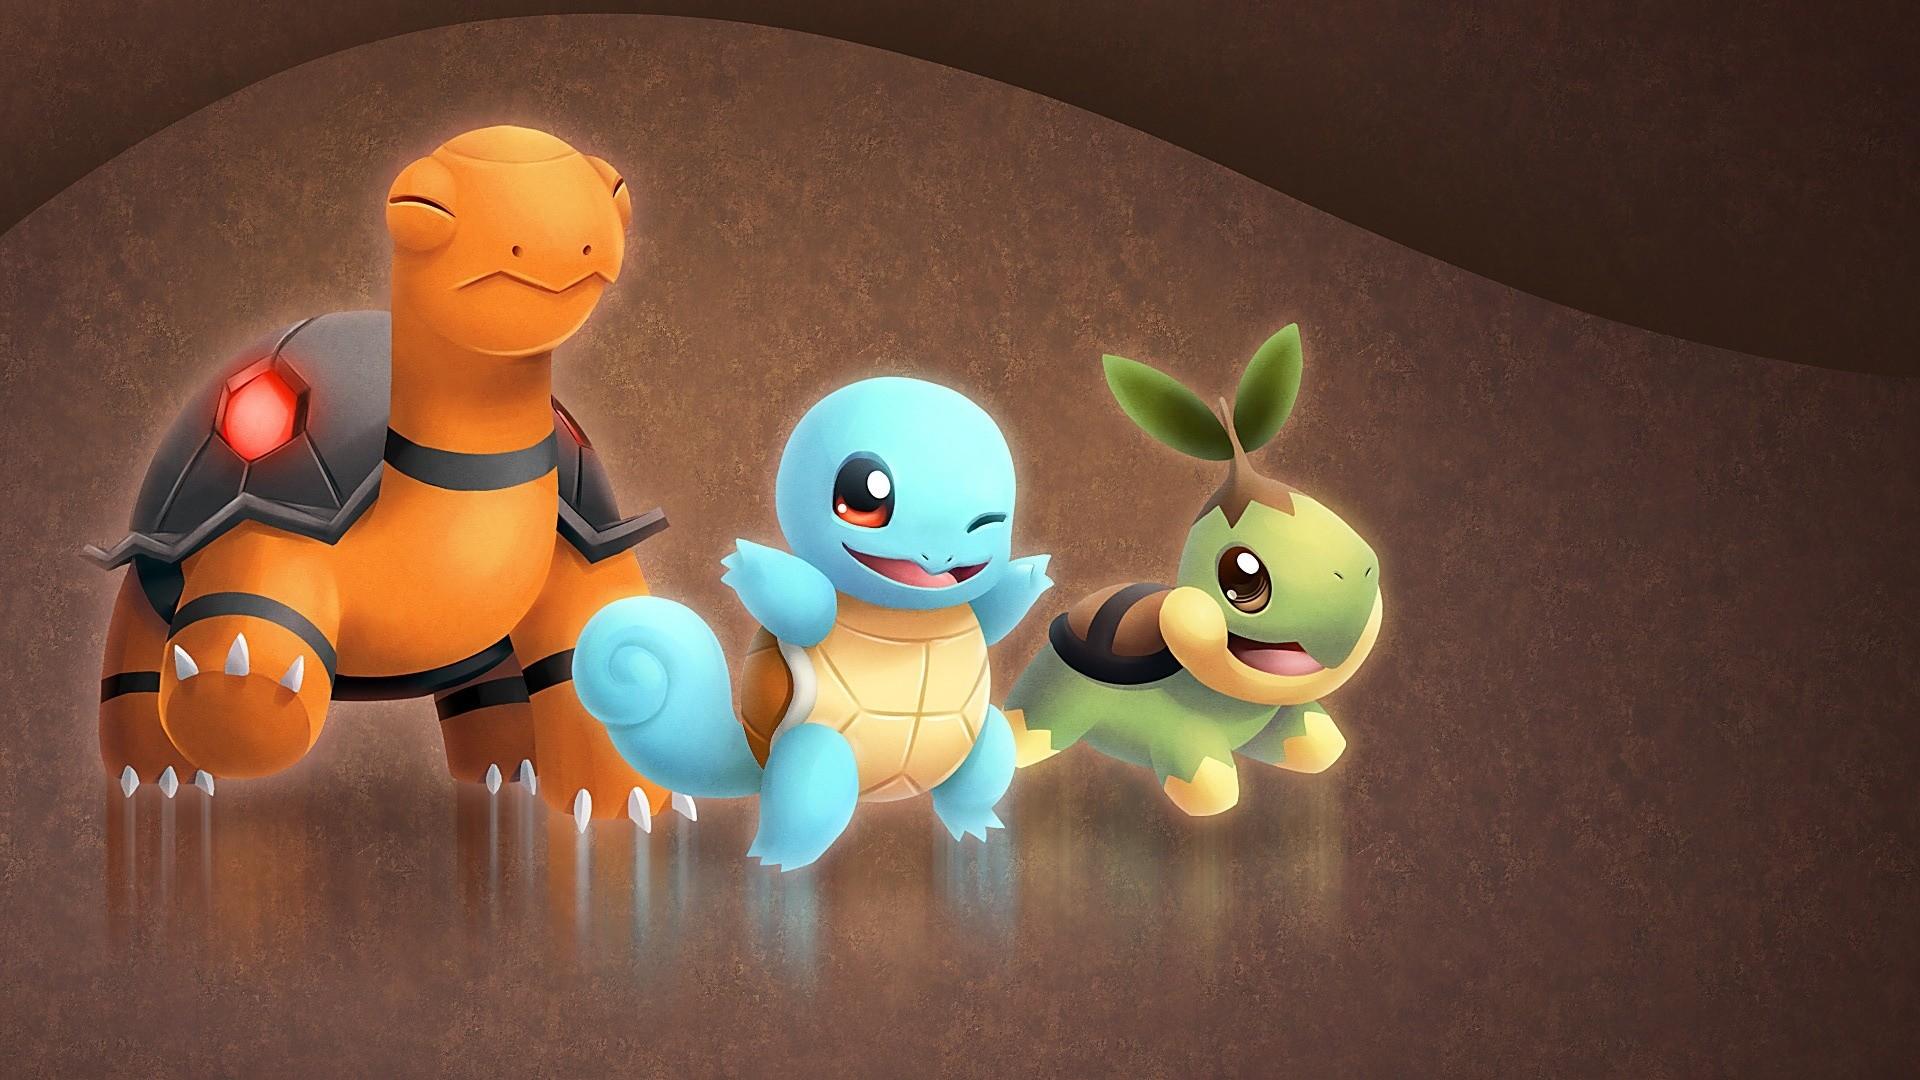 Res: 1920x1080, Cute Pokemon HD Wallpaper Download Free.